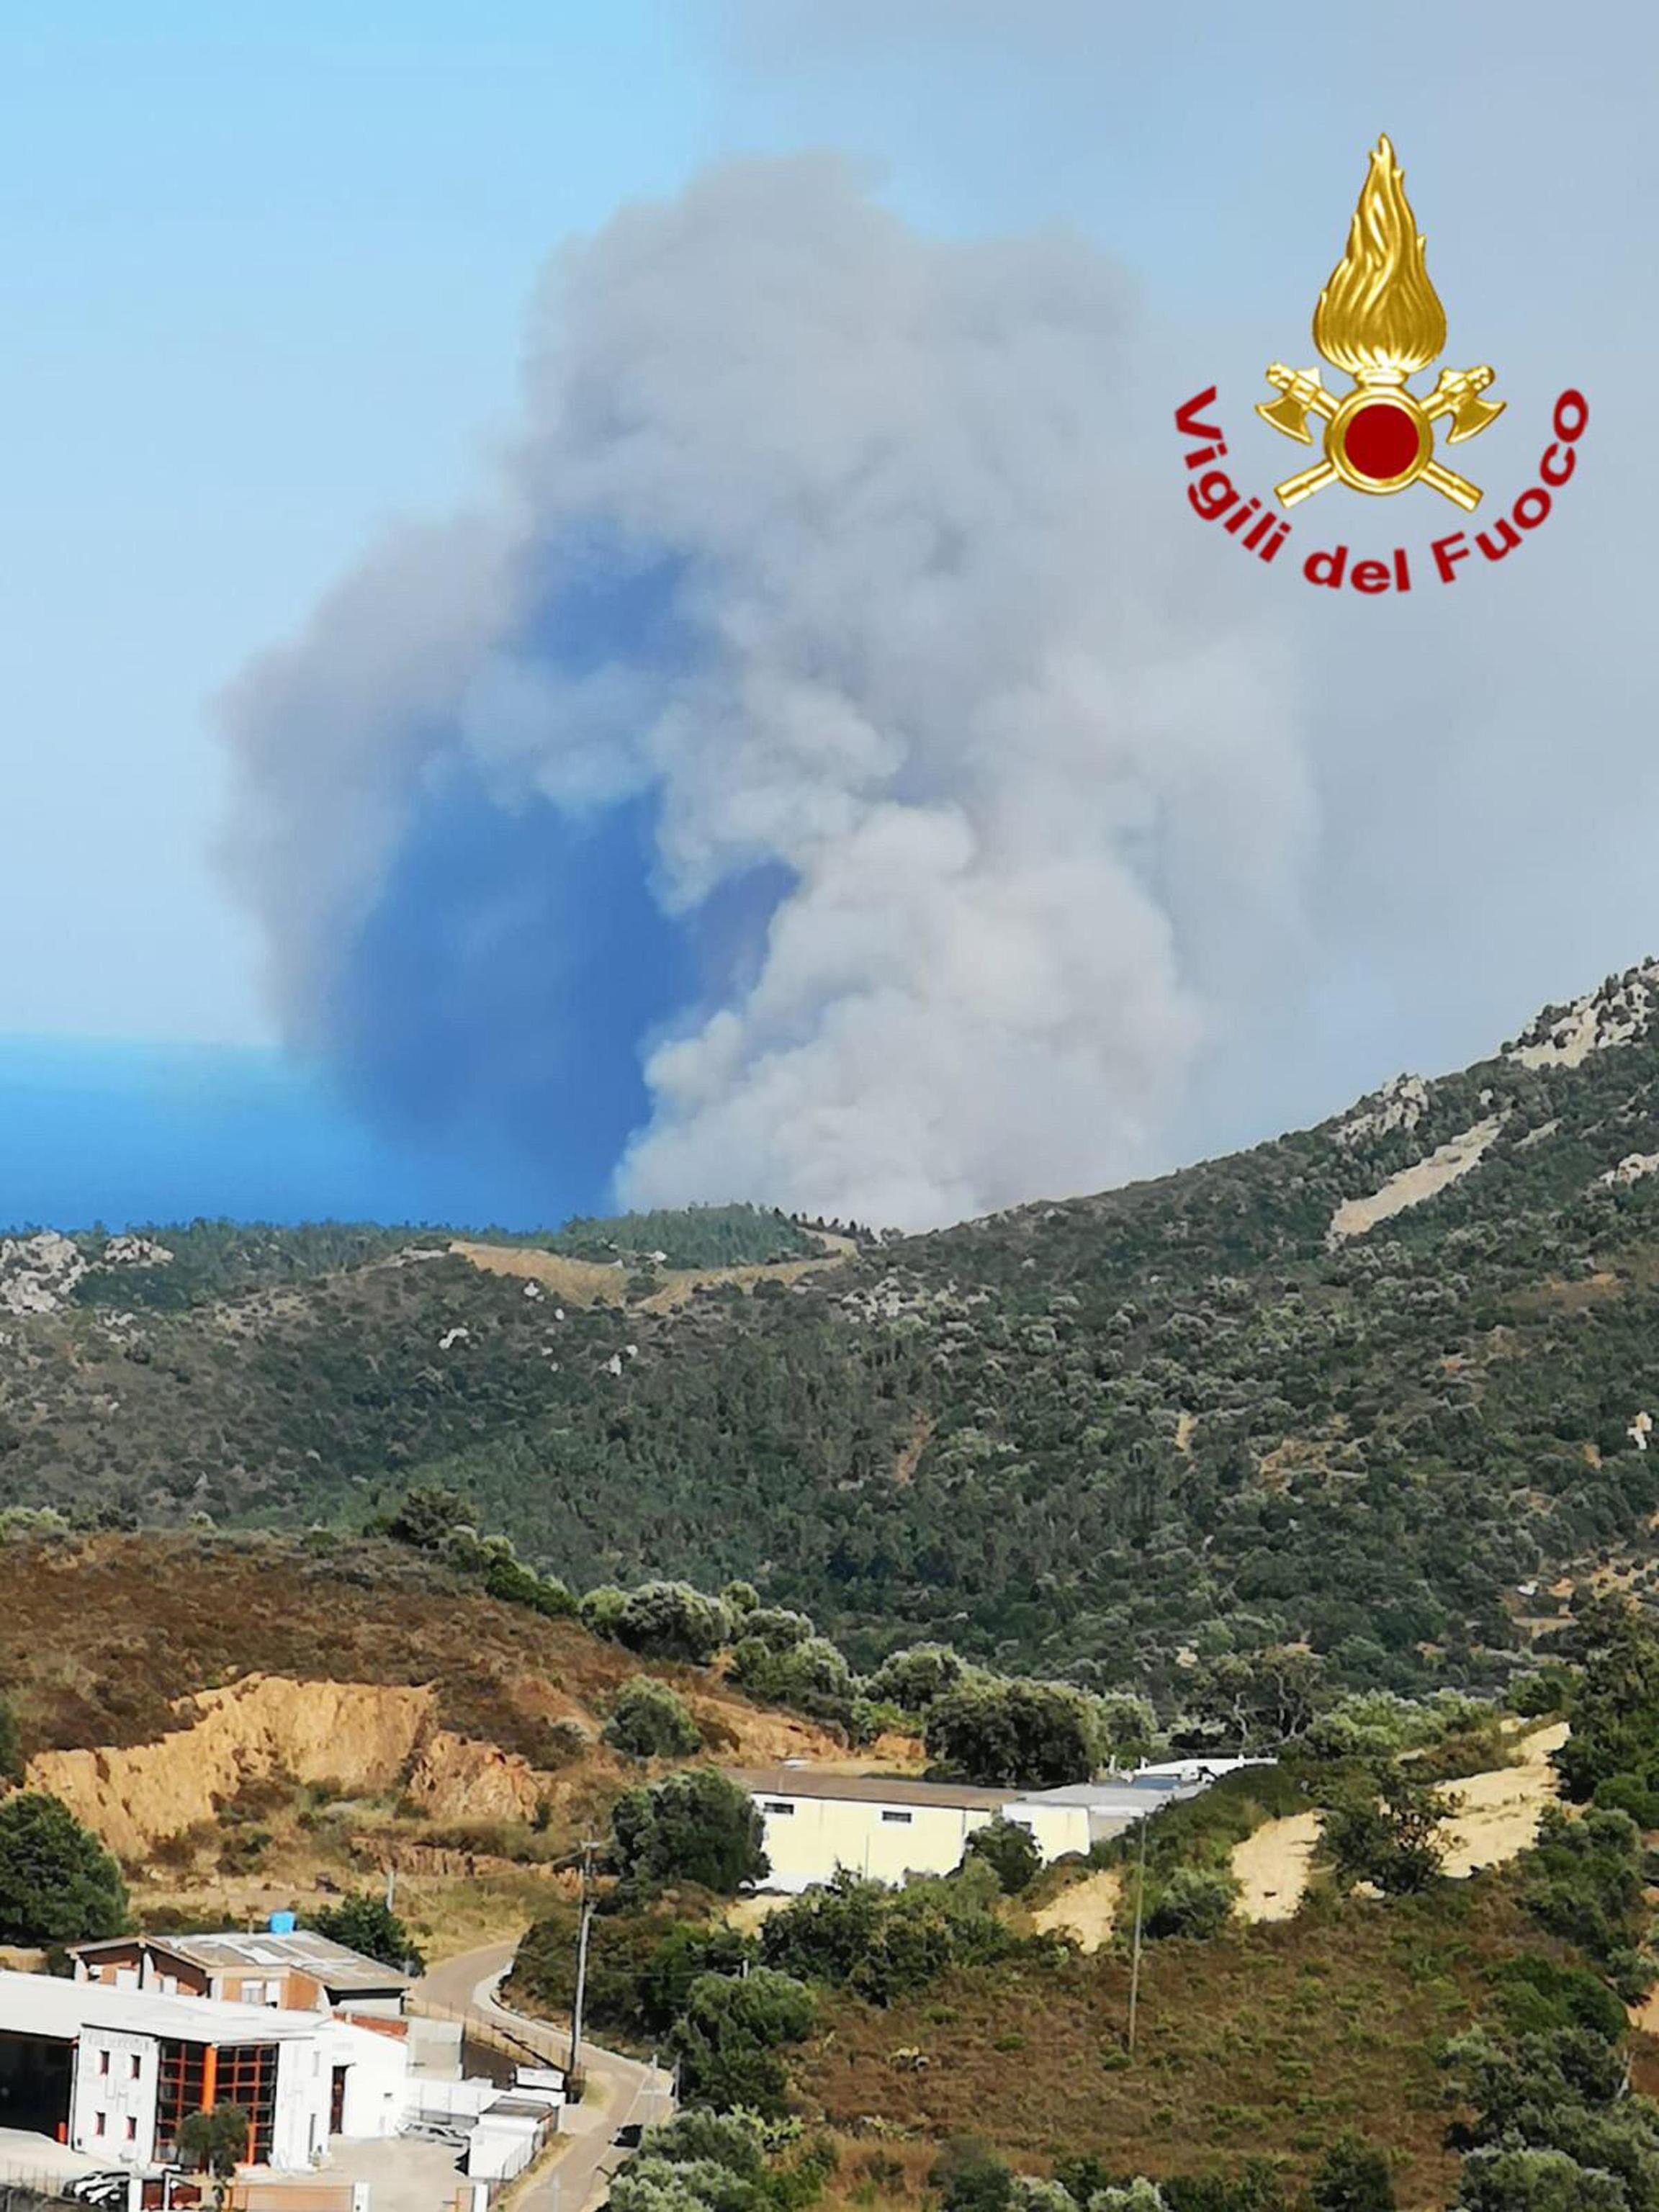 Sardegna, un nuovo incendio è divampato in Ogliastra